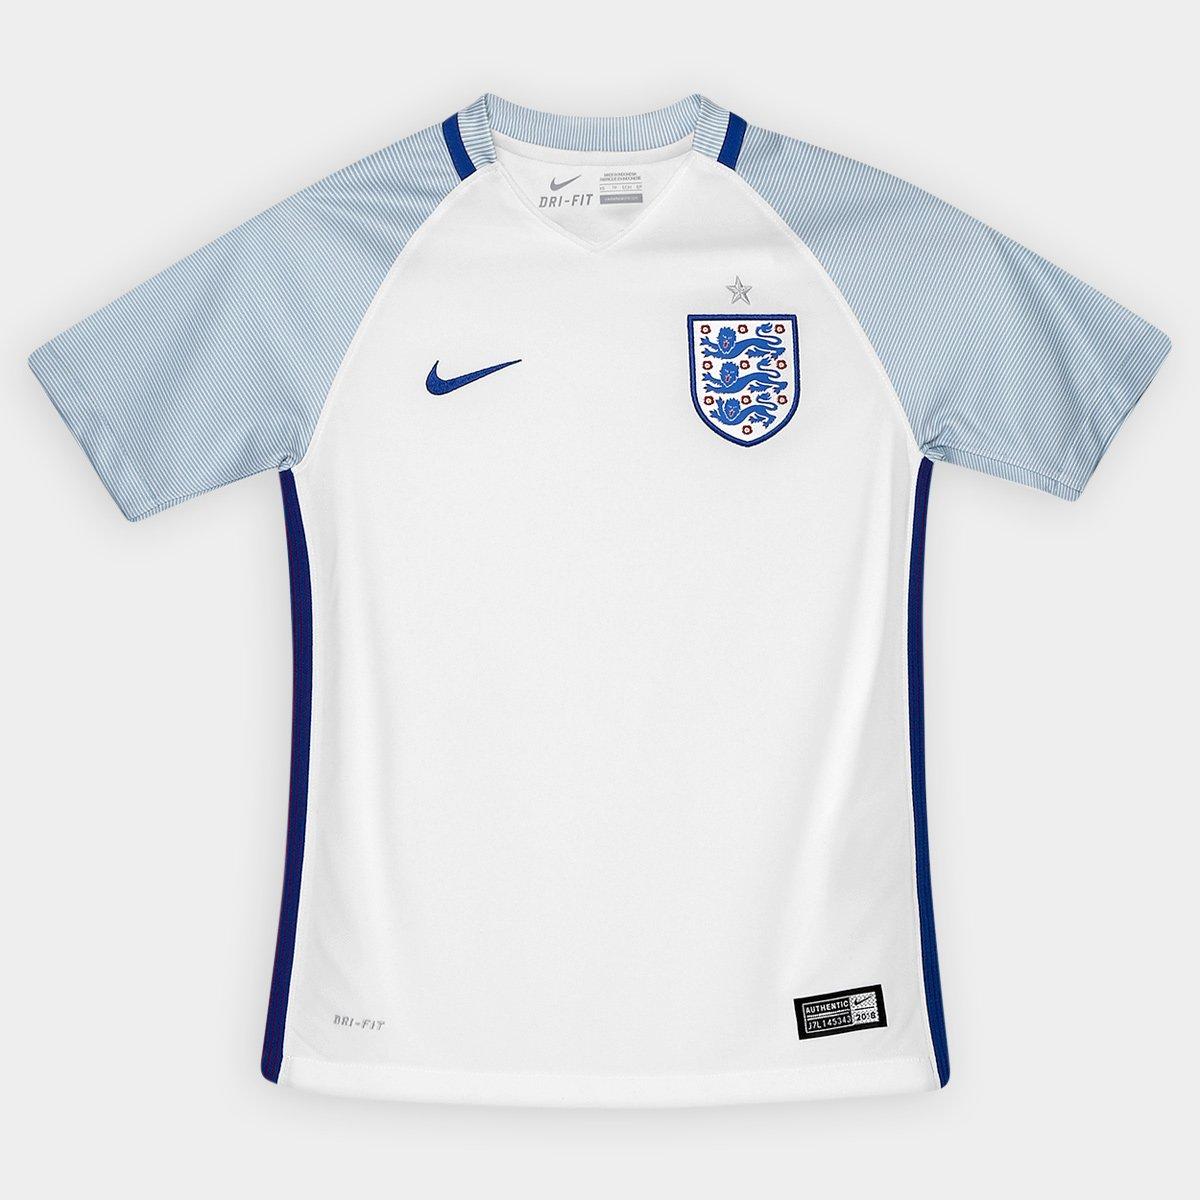 ffba18d379 Camisa Nike Seleção Inglaterra Home 2016 s nº Infantil - Compre Agora